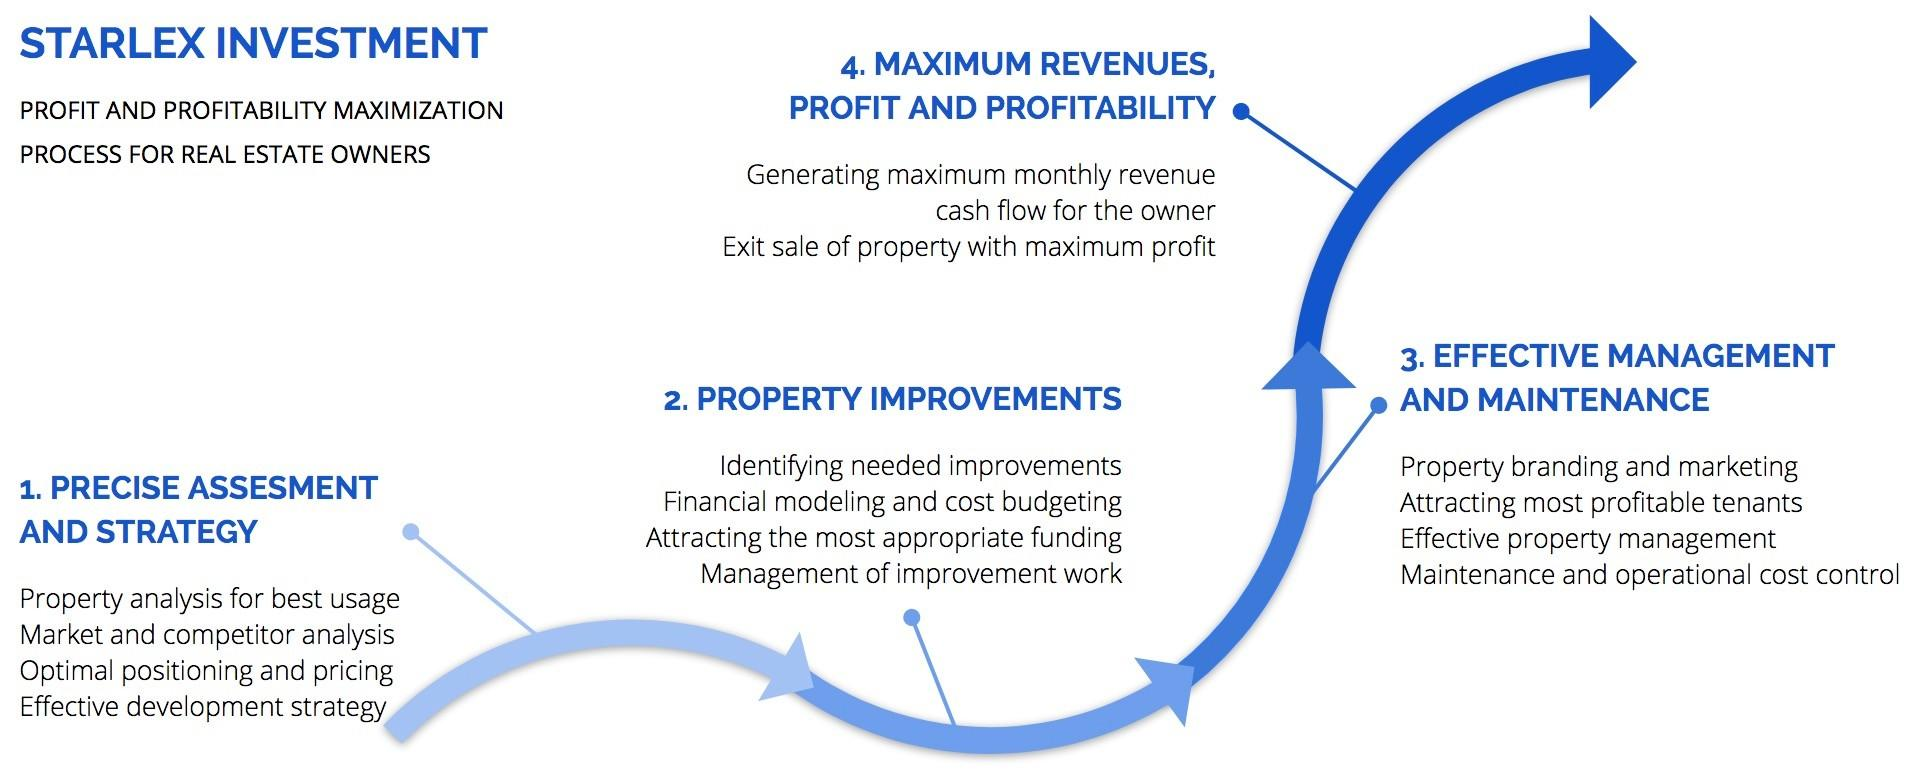 Starlex Investment peļņas maksimizēšana nekustamā īpašuma īpašniekiem